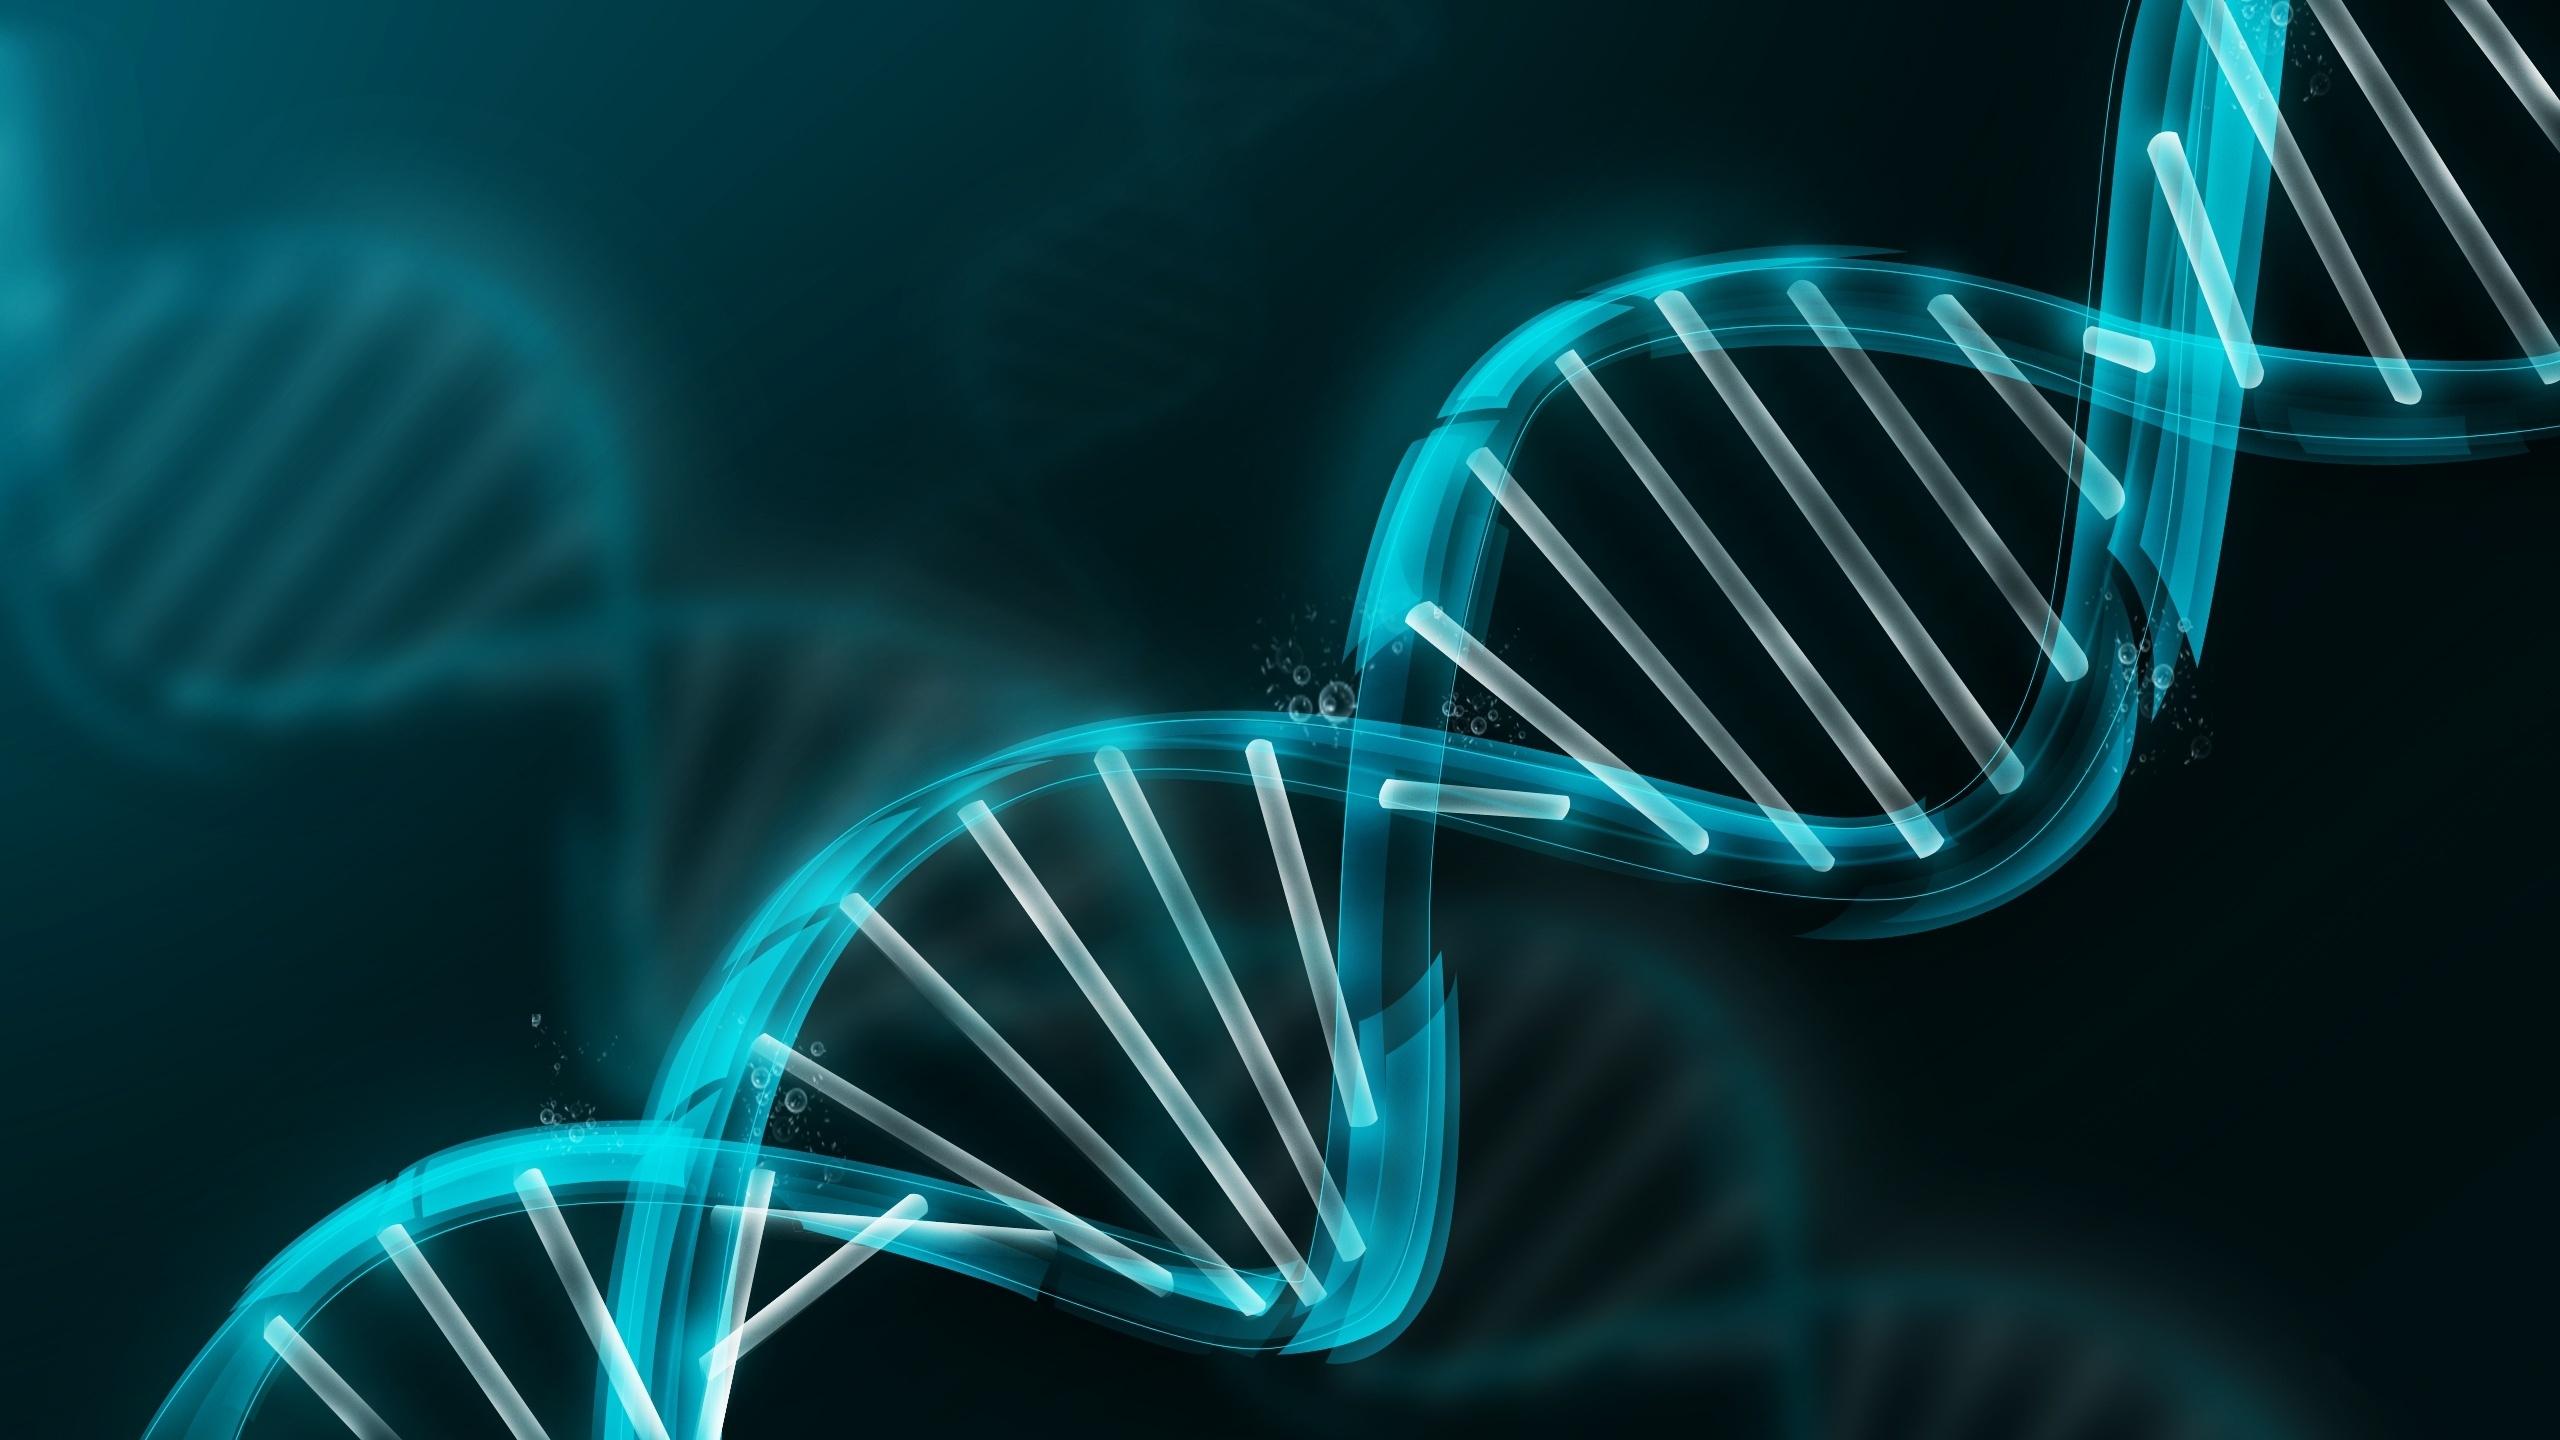 """据彭博社报道,2018年4月份,美国调查人员在对网上基因数据进行筛选后,逮捕了一名逍遥法外数十年之久的""""金州杀手""""(Golden State Killer)。这次逮捕引发了关于数字时代隐私的激烈辩论。 越来越多的消费者基因检测服务机构表示,他们可以使用消费者遗传物质的简单取样来寻找失散已久的家庭成员,或检测疾病的早期预警信号,数以百万计的用户热切地分享他们的DNA样本。但公众很少讨论这些数据被存储在何处,如何在初始应用目标之外被使用,以及谁可以访问这些数据。  为了帮助追查所谓的&"""